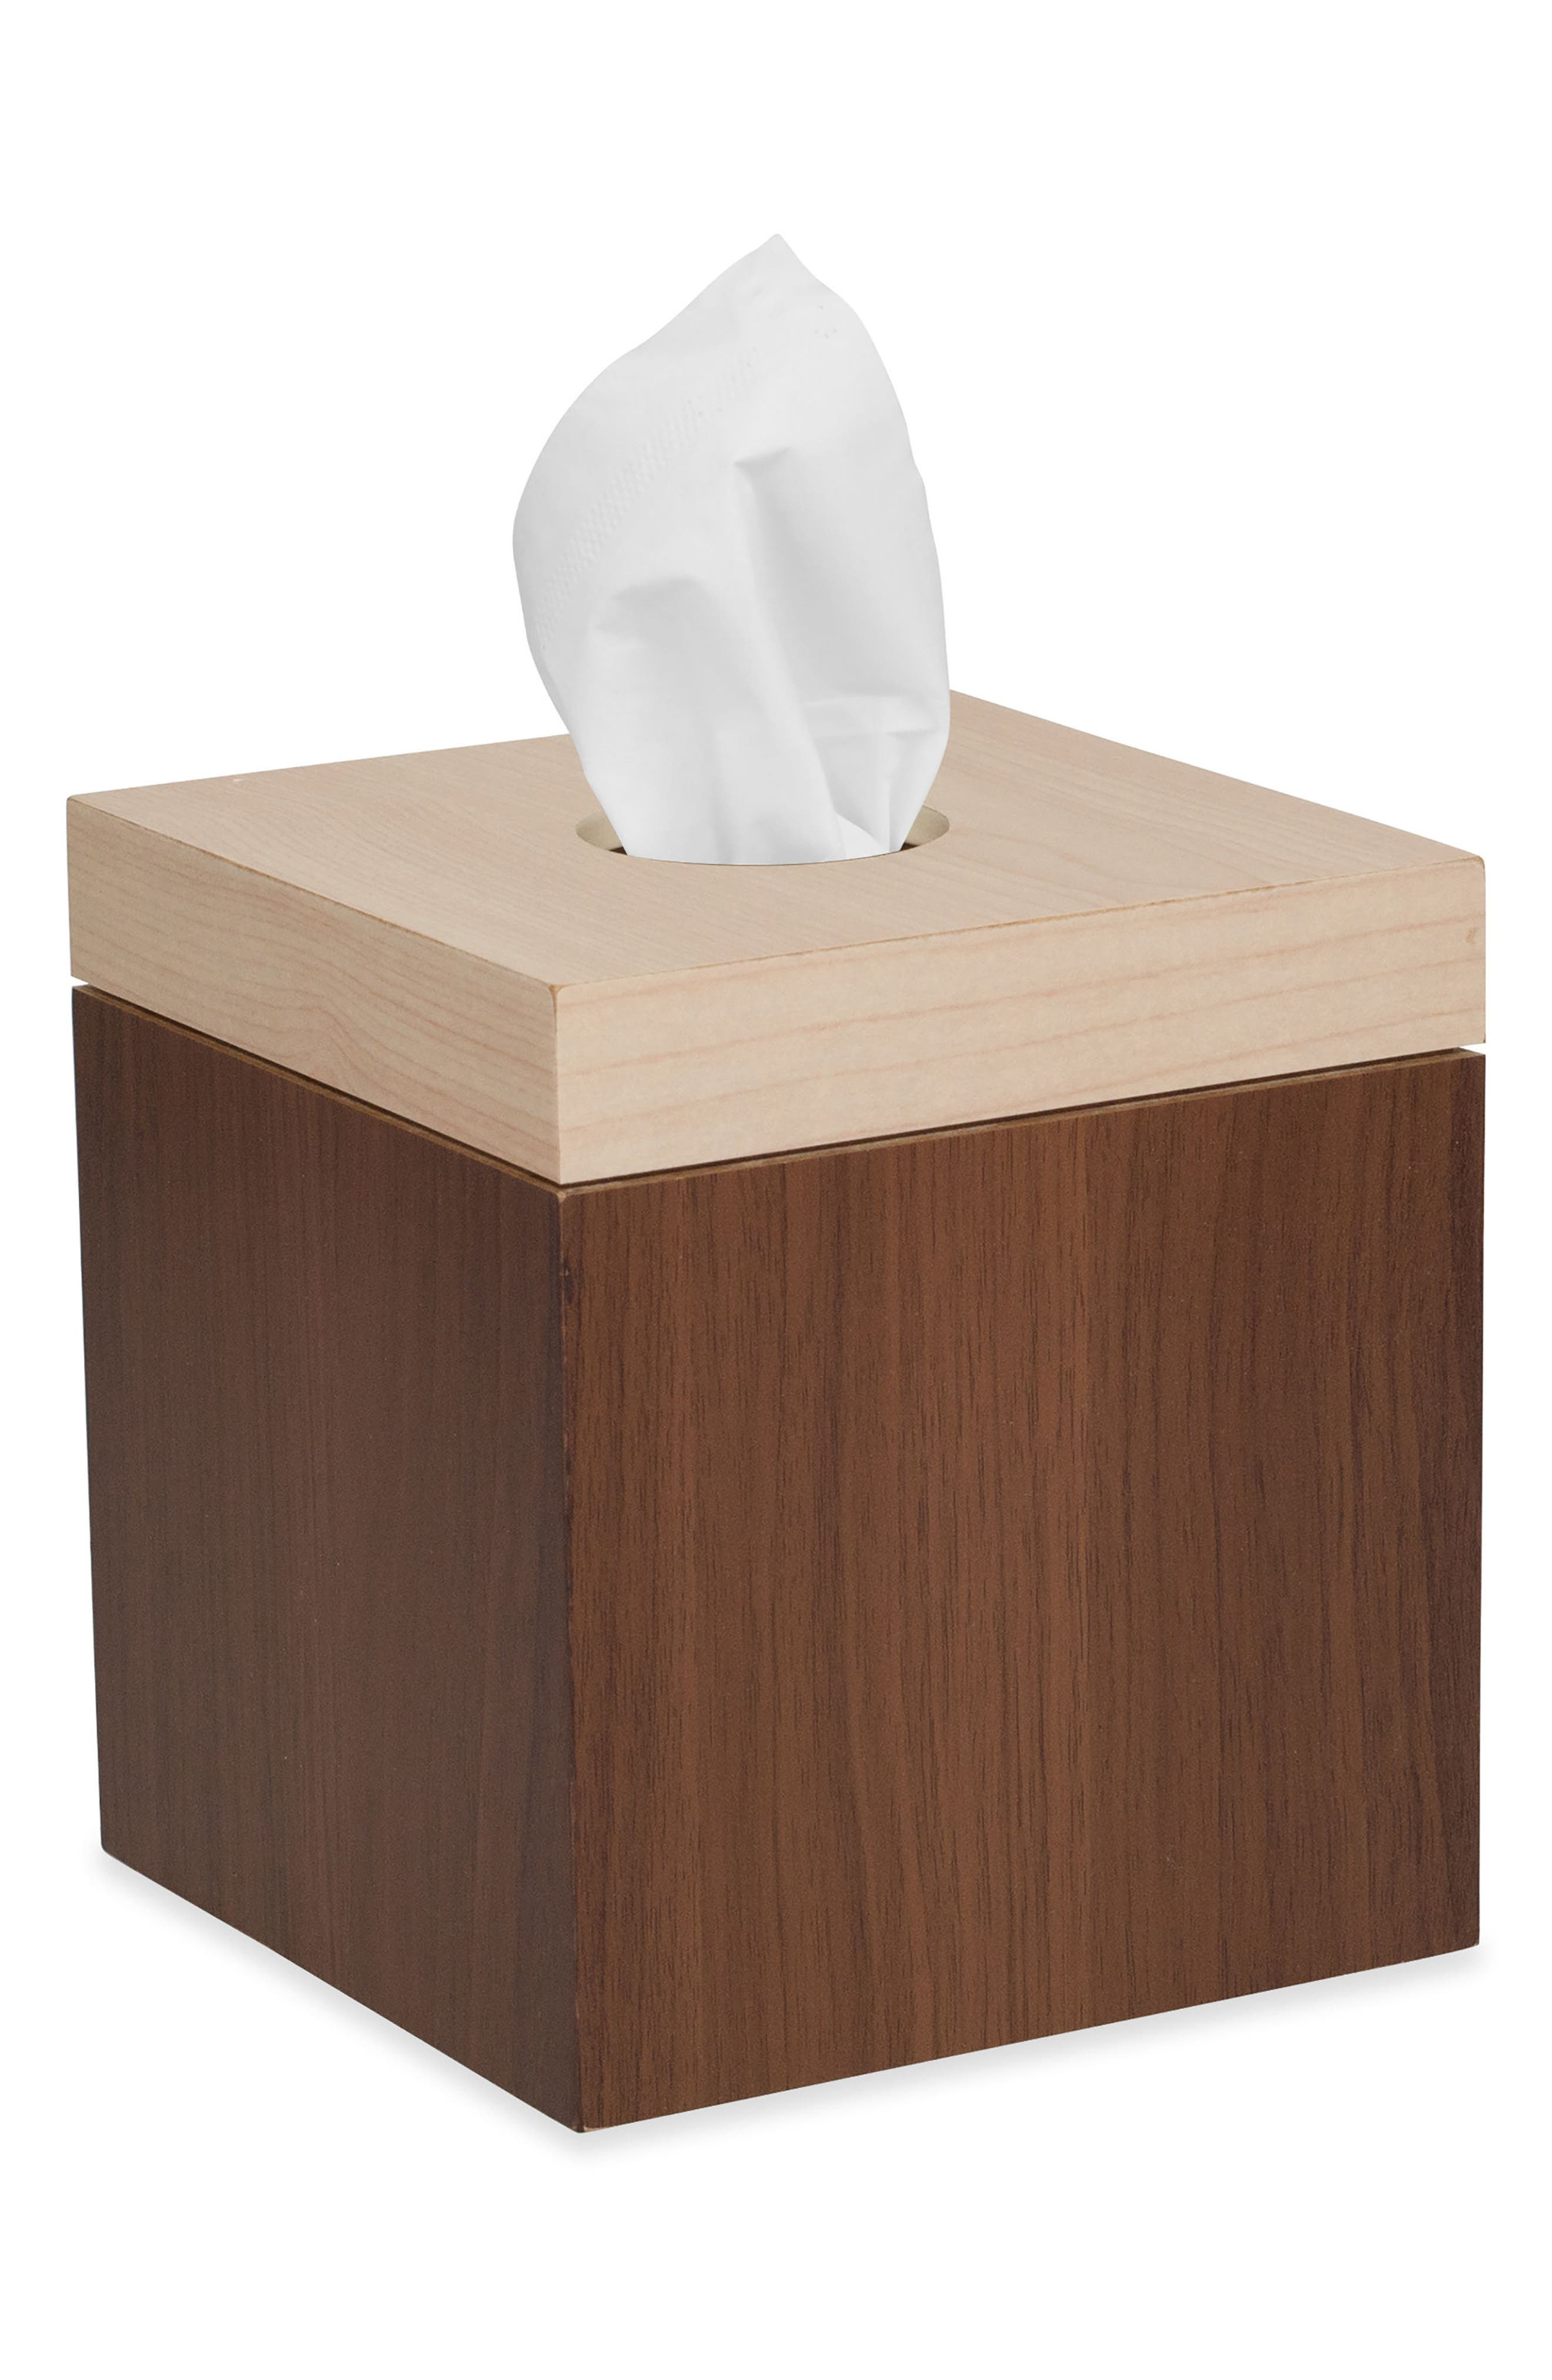 DKNY Wood Block Tissue Box Cover